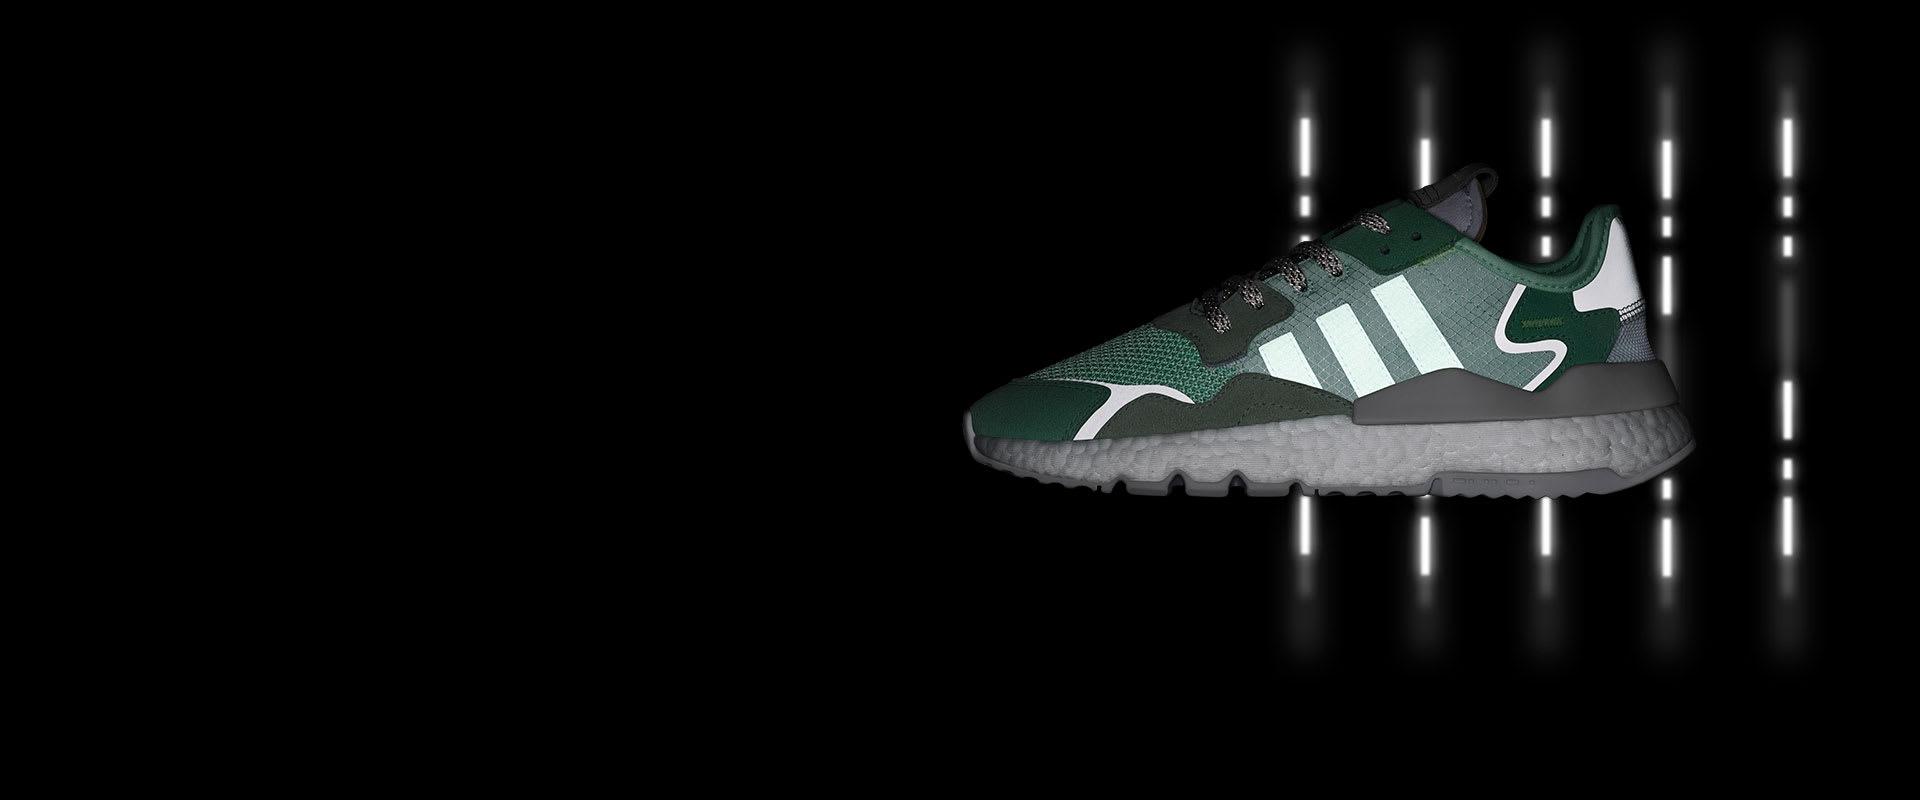 4fb72e5c022 Openingstijden En Wink Aanbiedingen Van Adidas - TropicalWeather